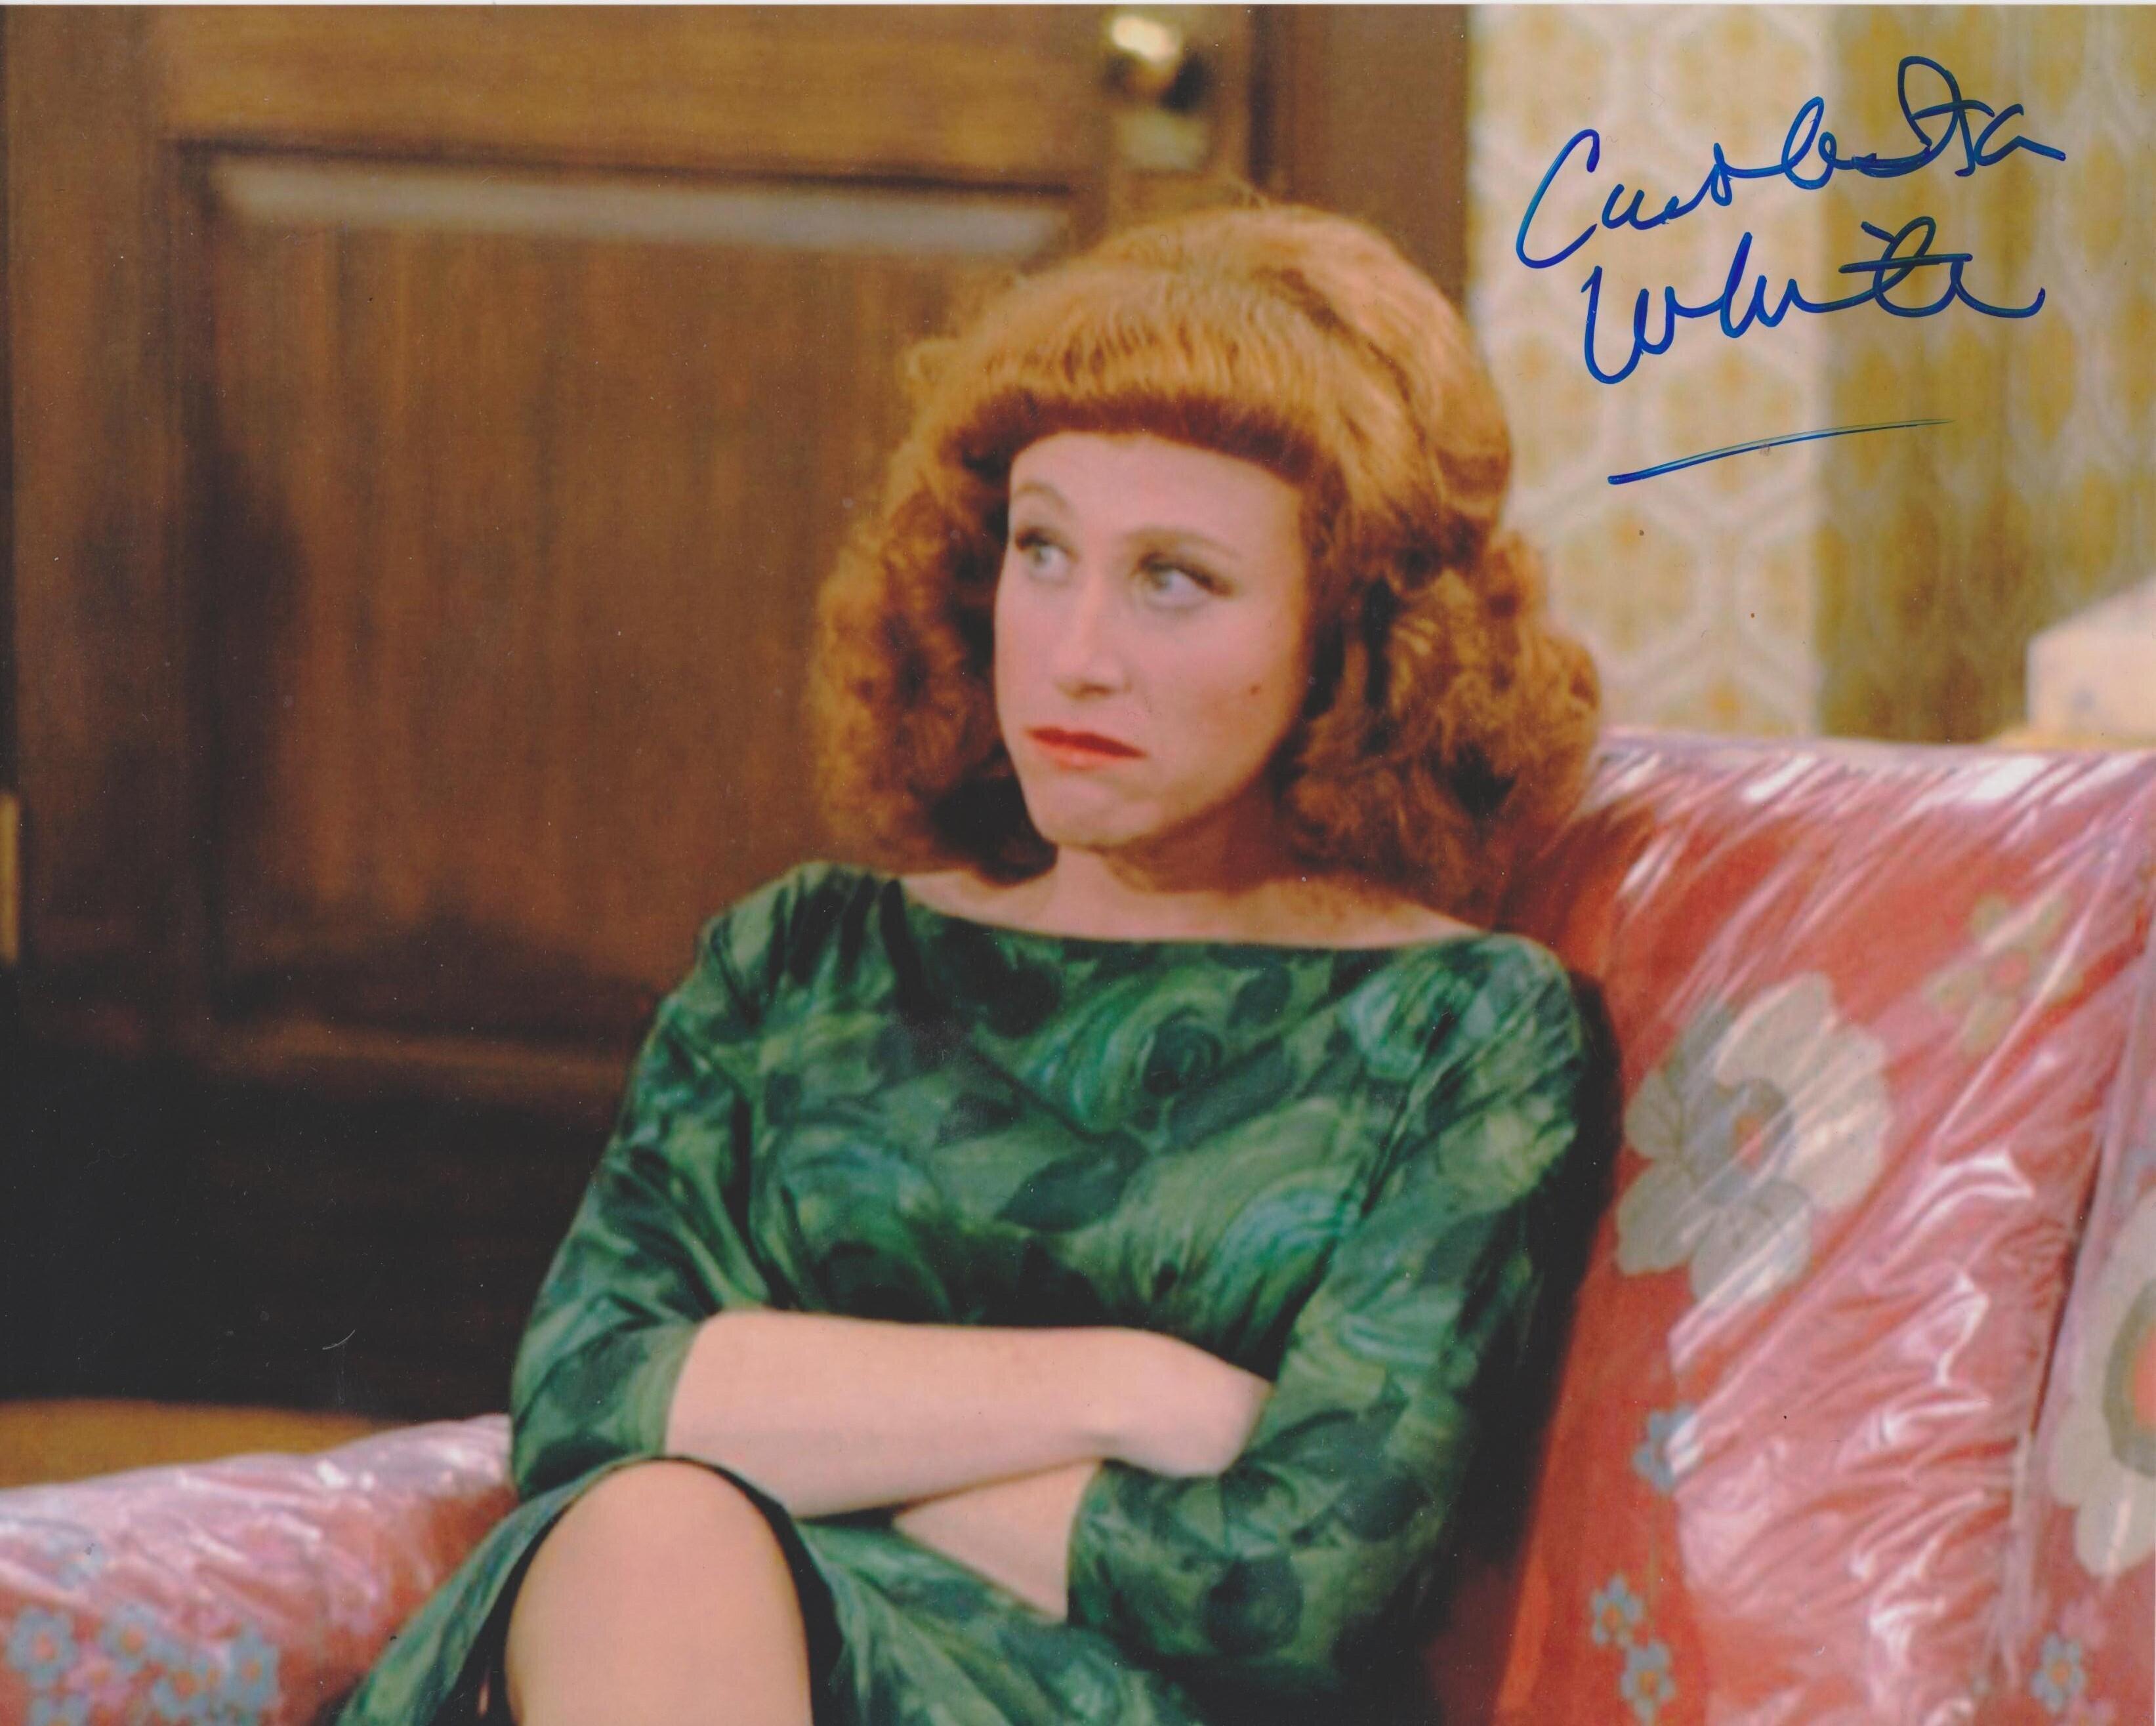 Carole Ita White Carole Ita White new pictures